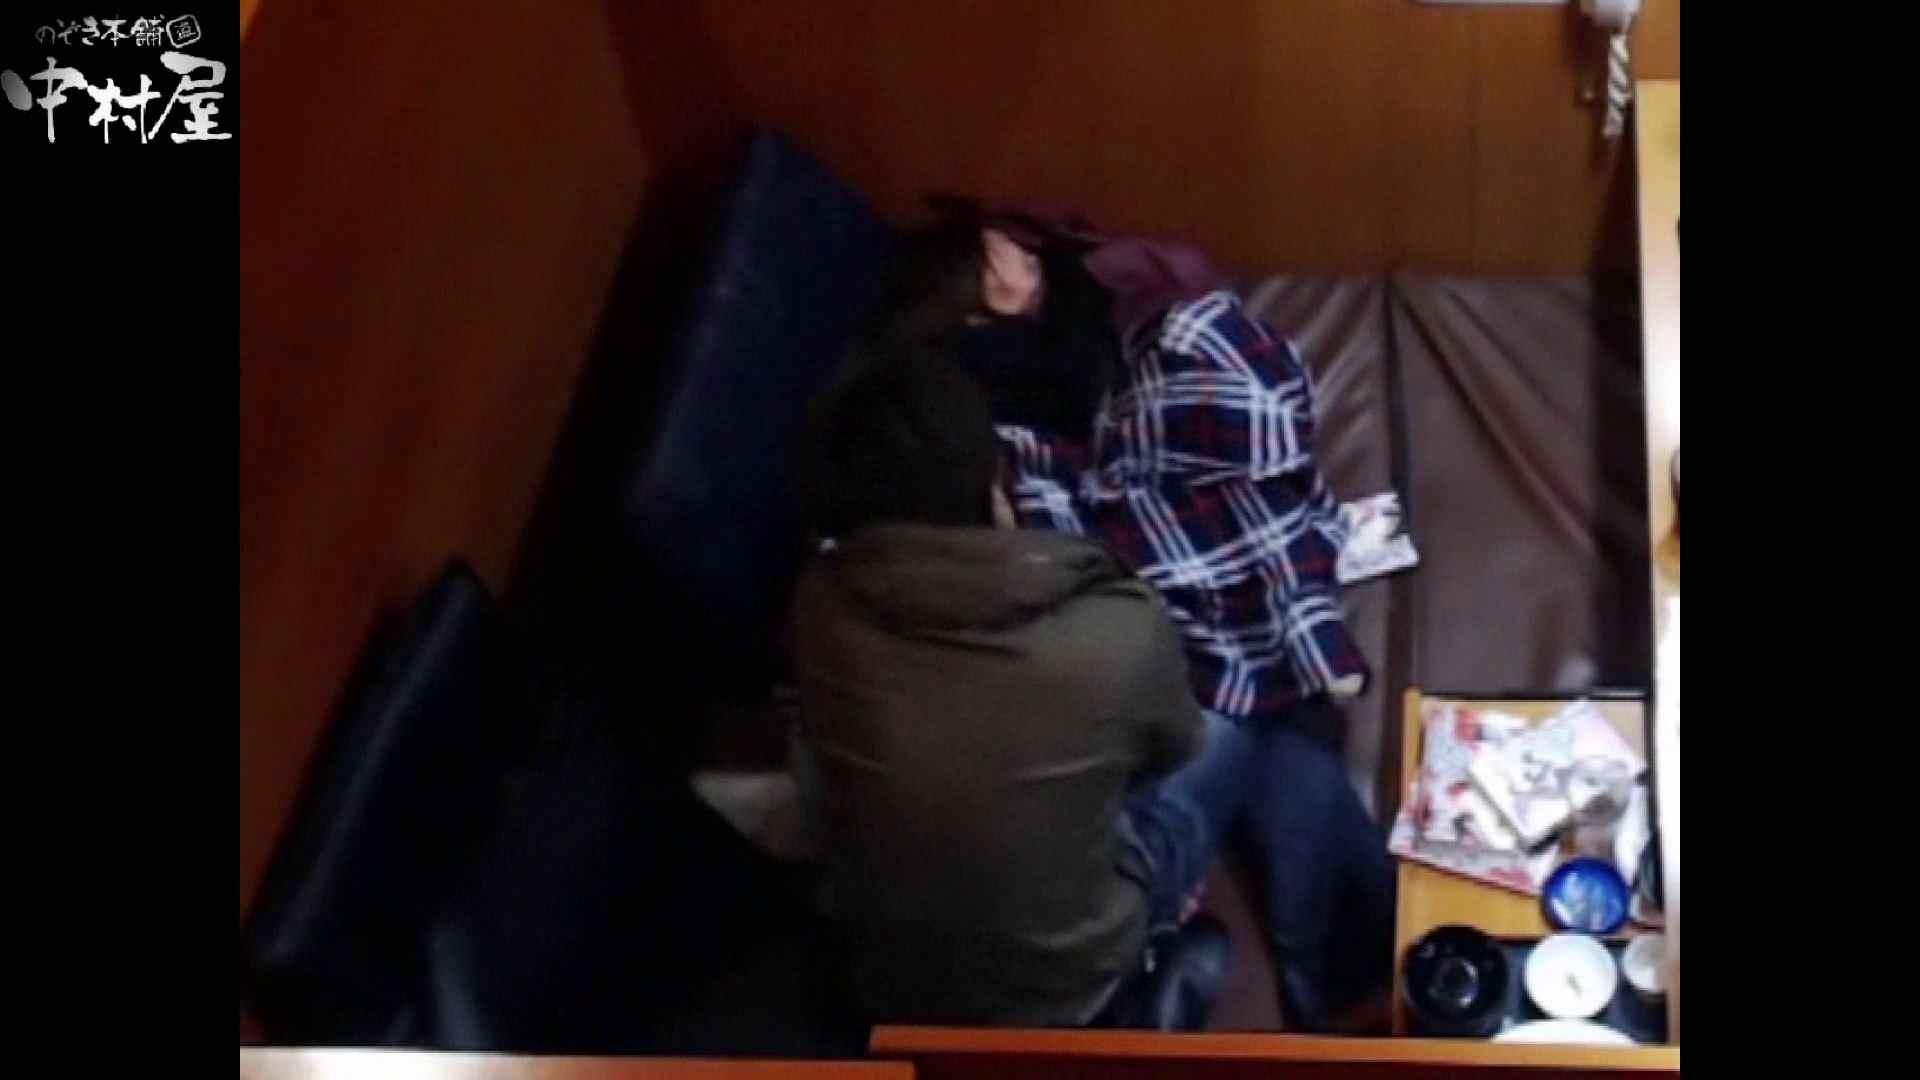 ネットカフェ盗撮師トロントさんの 素人カップル盗撮記vol.4 乳首 ワレメ無修正動画無料 102連発 93